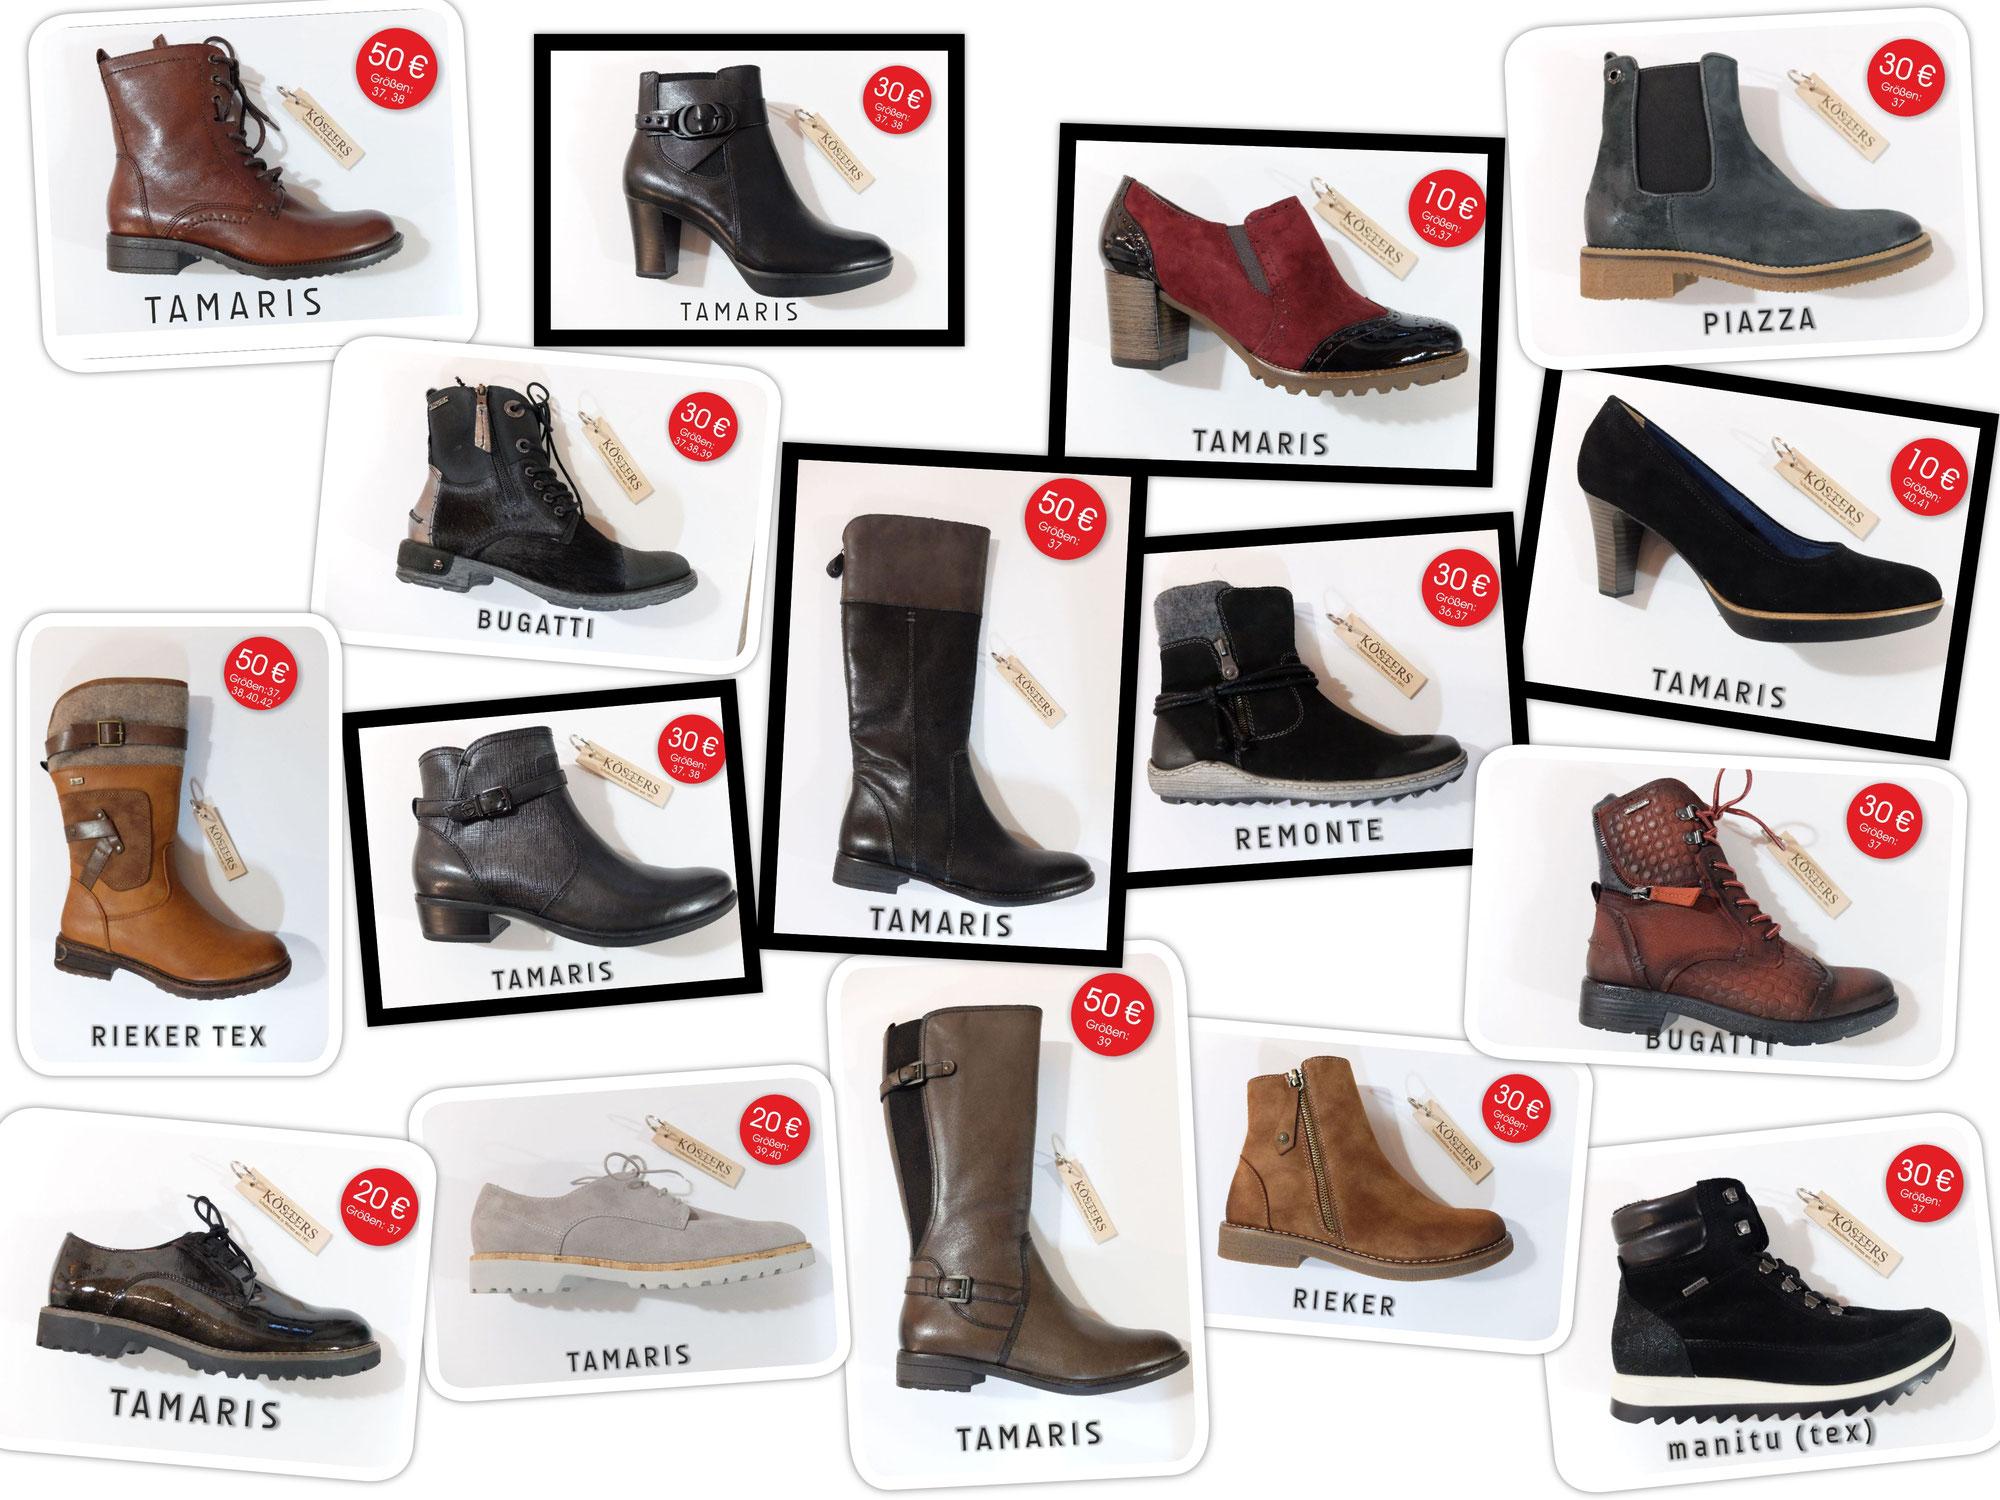 Wir haben noch ein paar Schuhe gefunden, die gerne gekauft werden wollen.